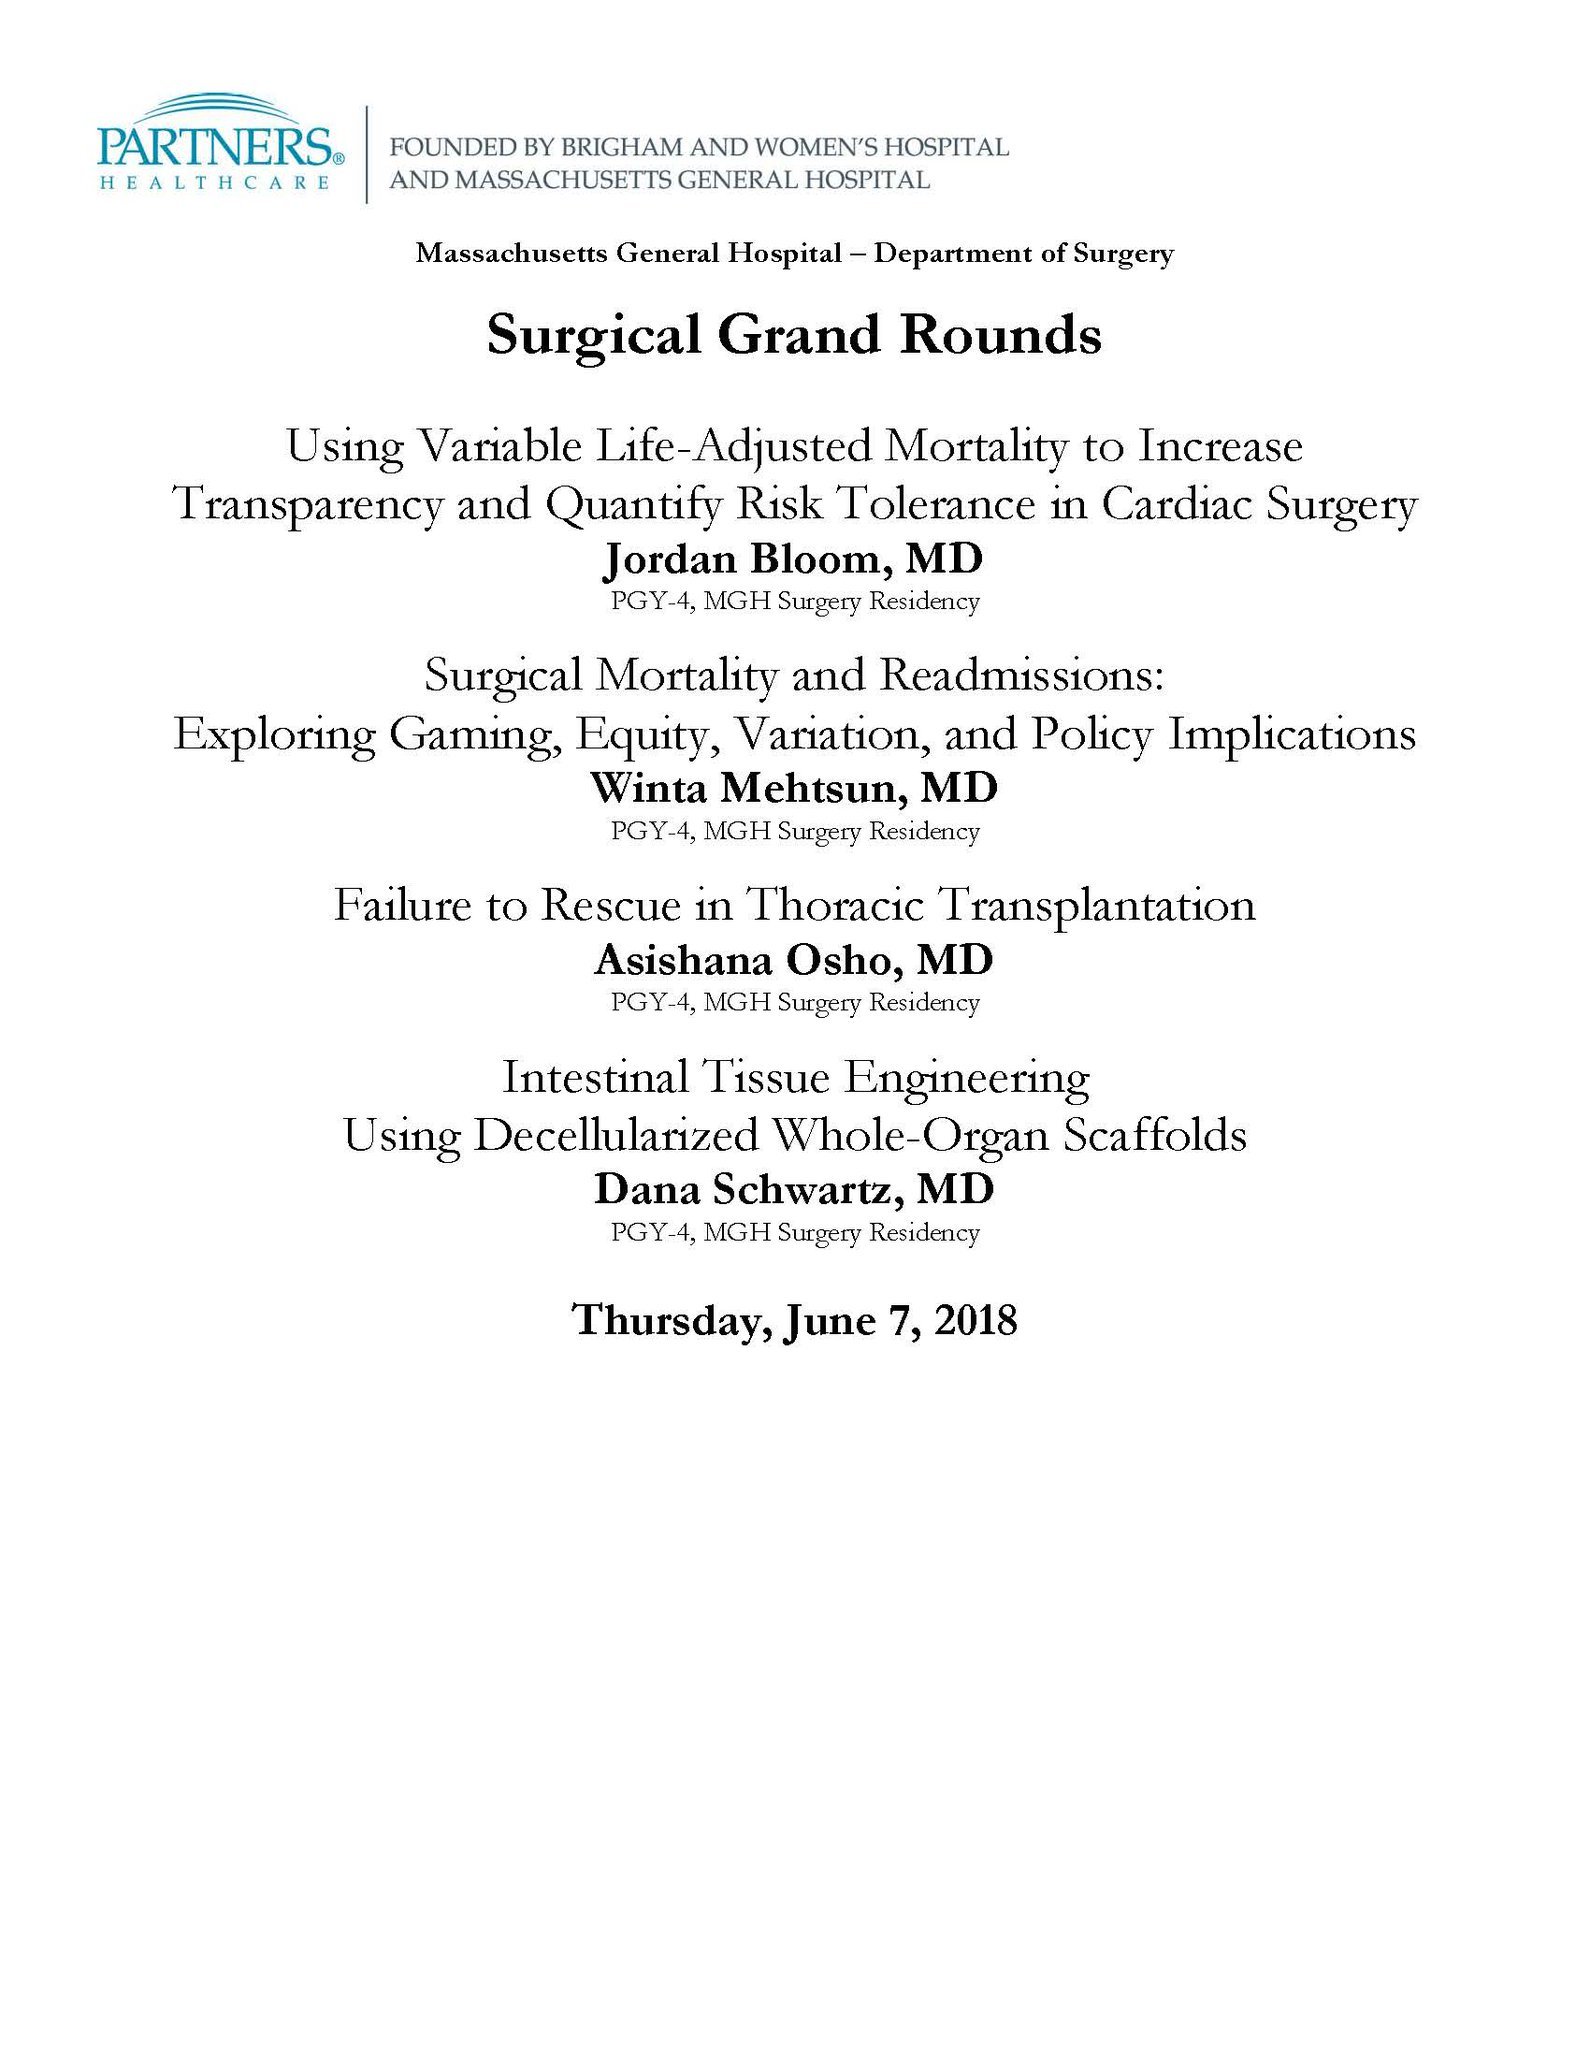 Mass General Surgery on Twitter: